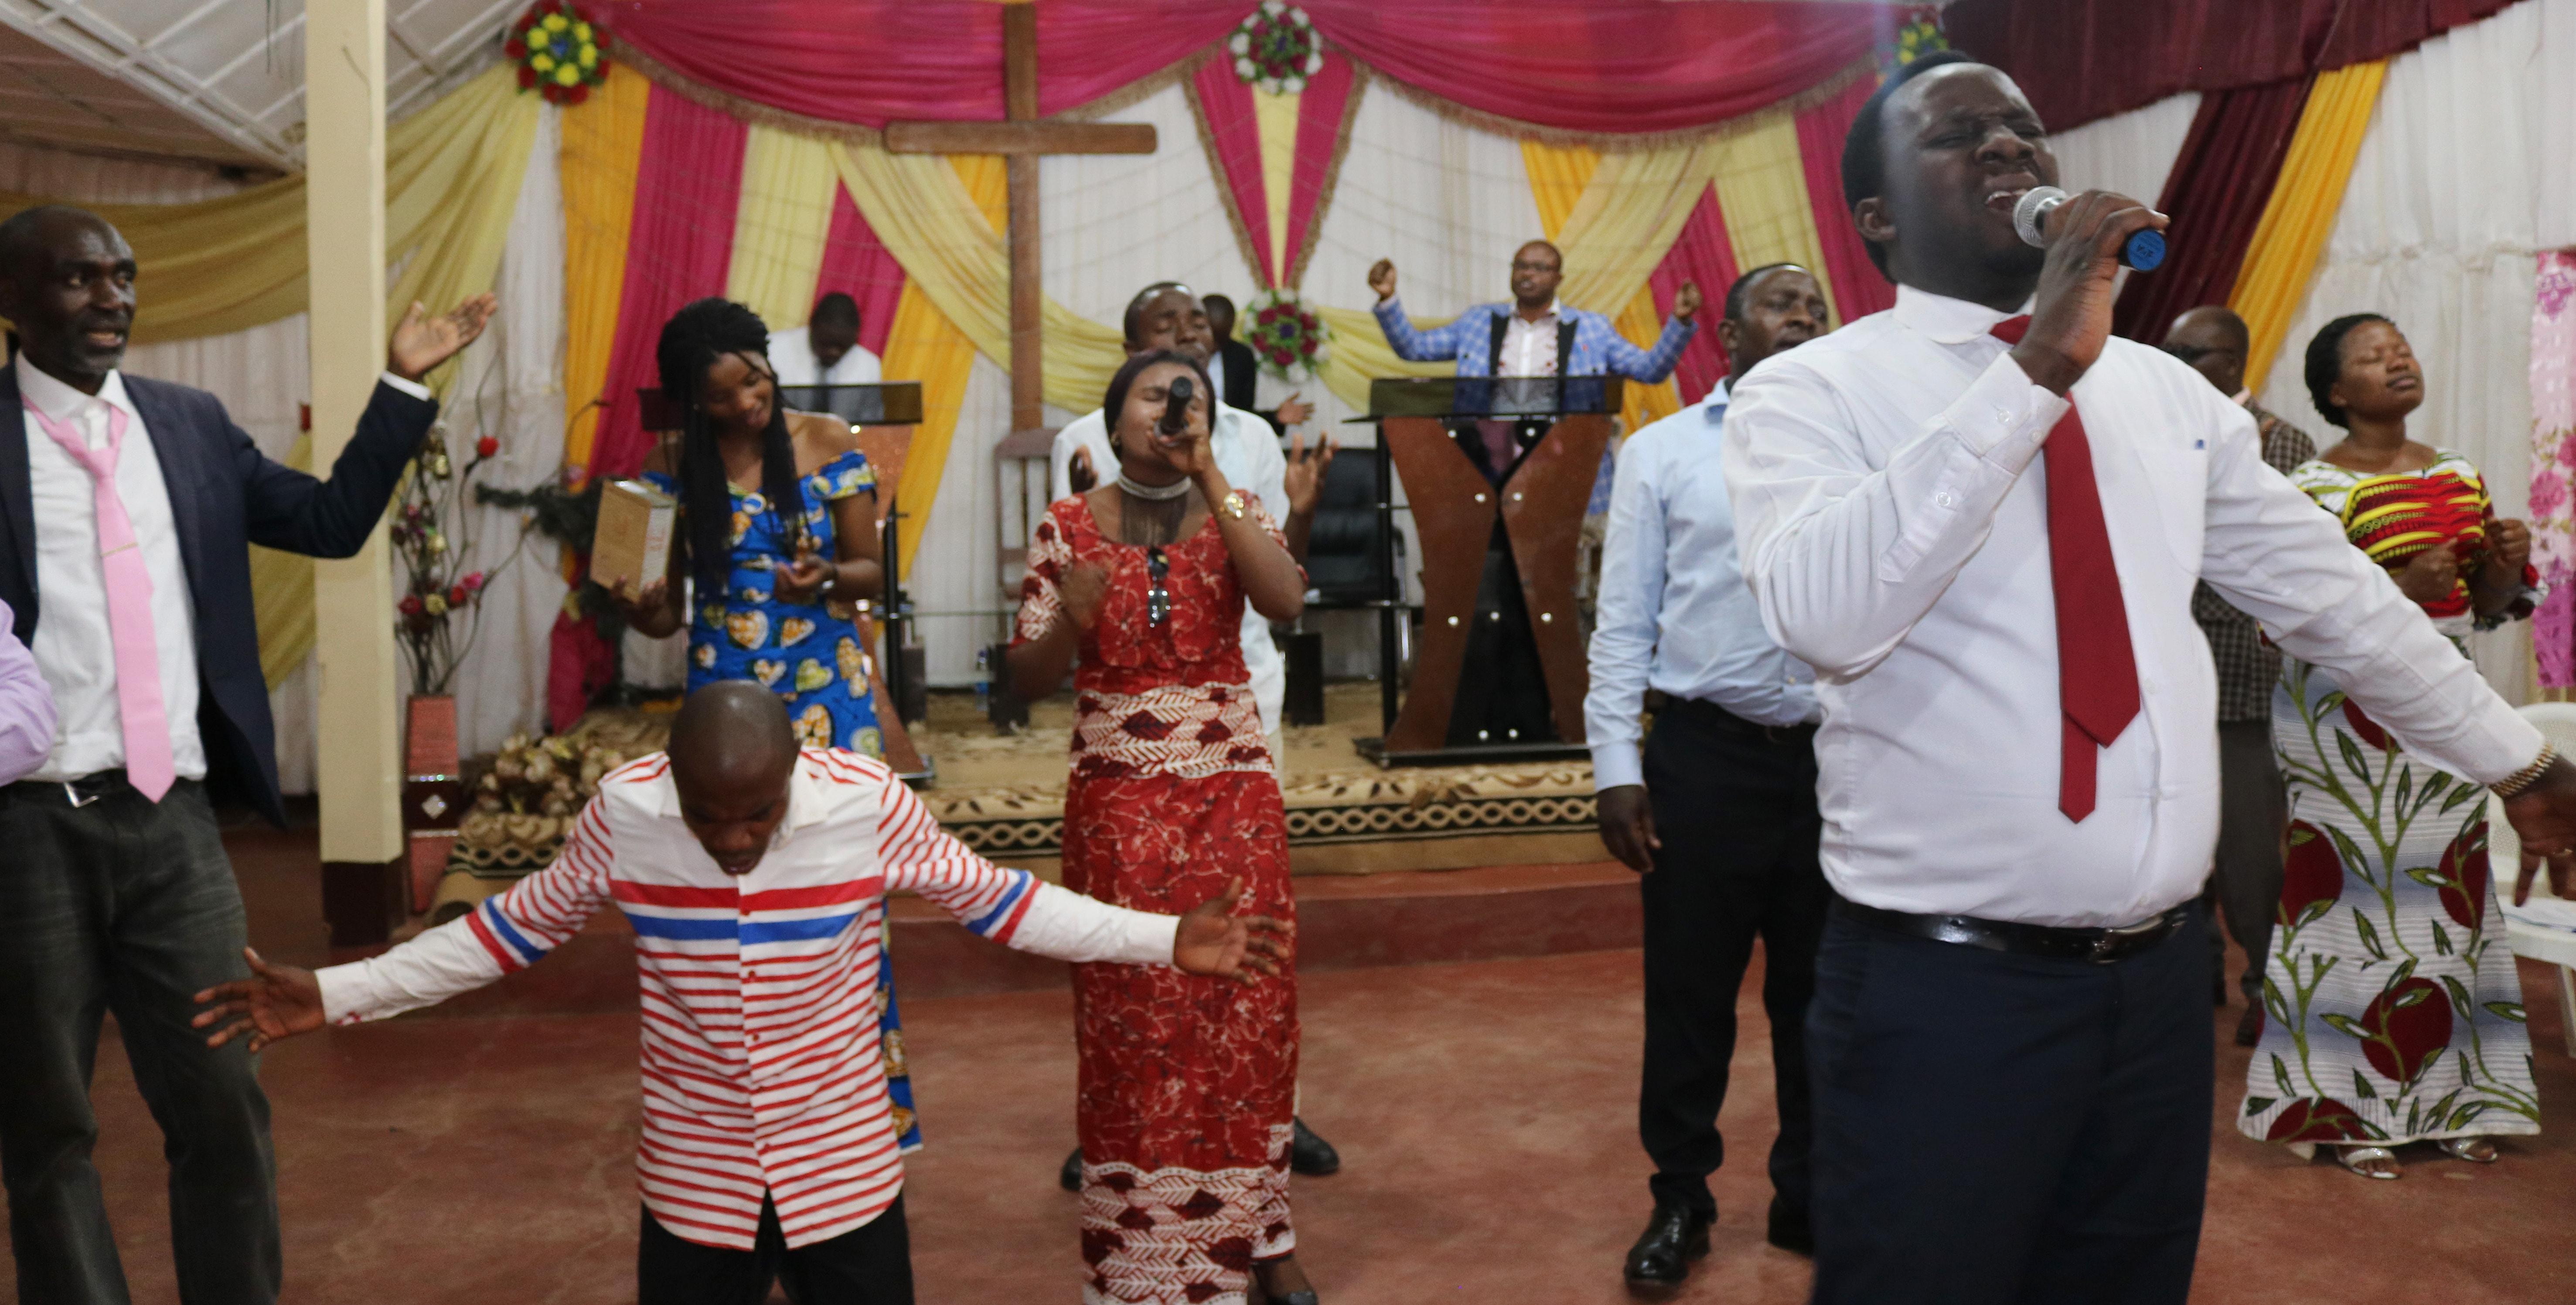 Des jeunes Congolais, y compris des Méthodistes Unis, prient pour la paix, lors d'un rassemblement œcuménique de l'Église du Christ à Bukavu (RDC). Photo de Philippe Kituka Lolonga, UM News.